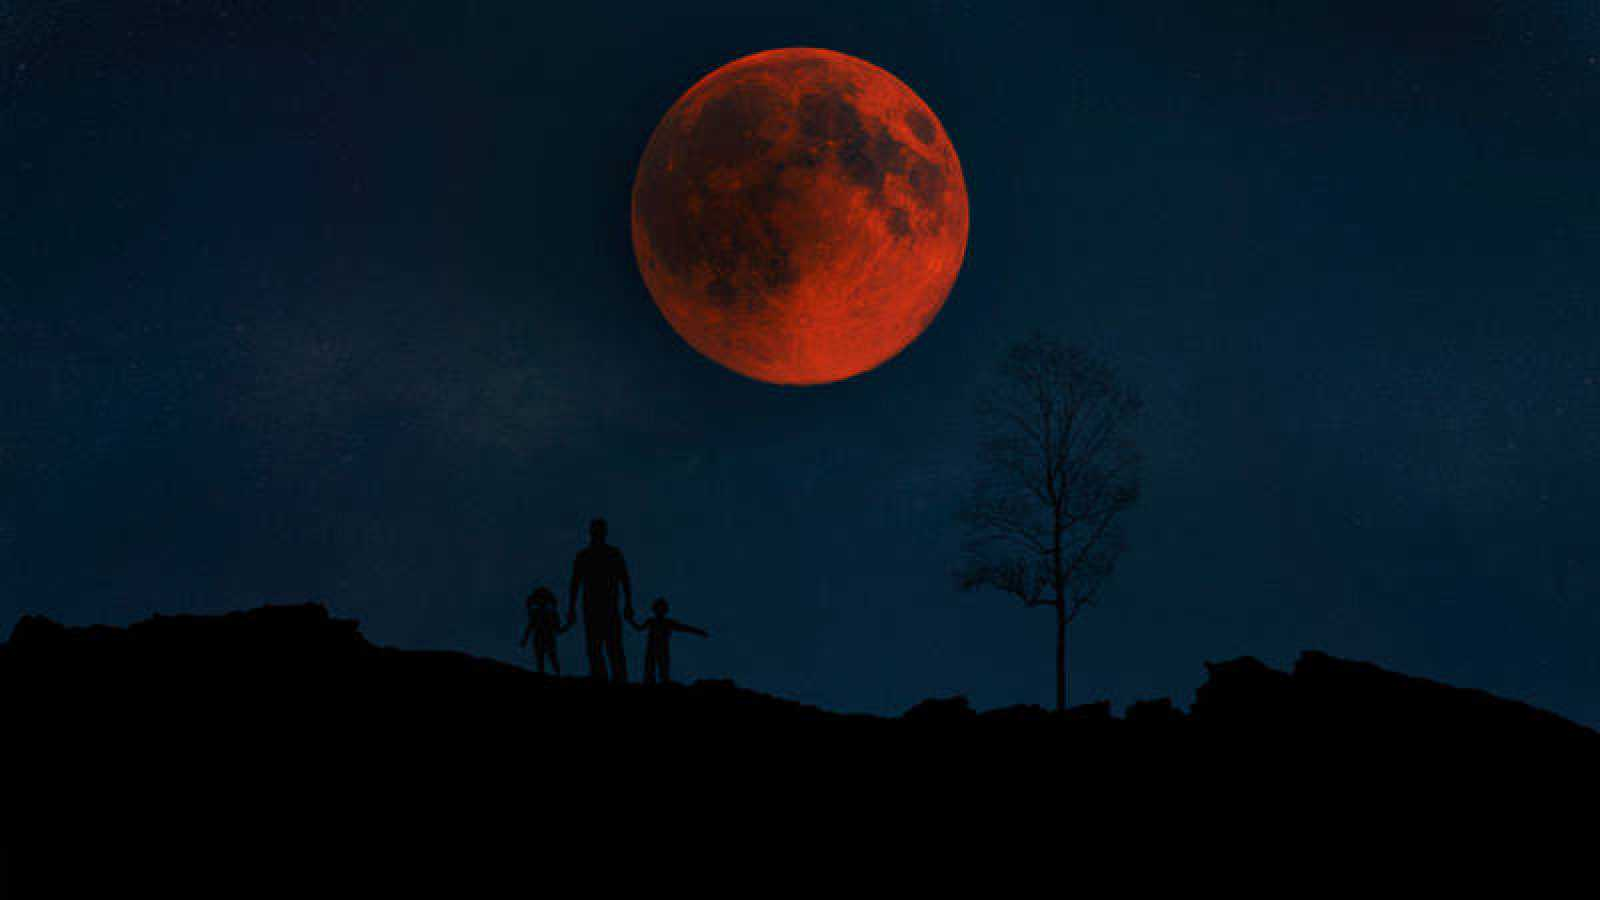 Para observar mejor el eclipse total de Luna, hay que hacerlo en zonas altas y alejadas de la contaminación lumínica.